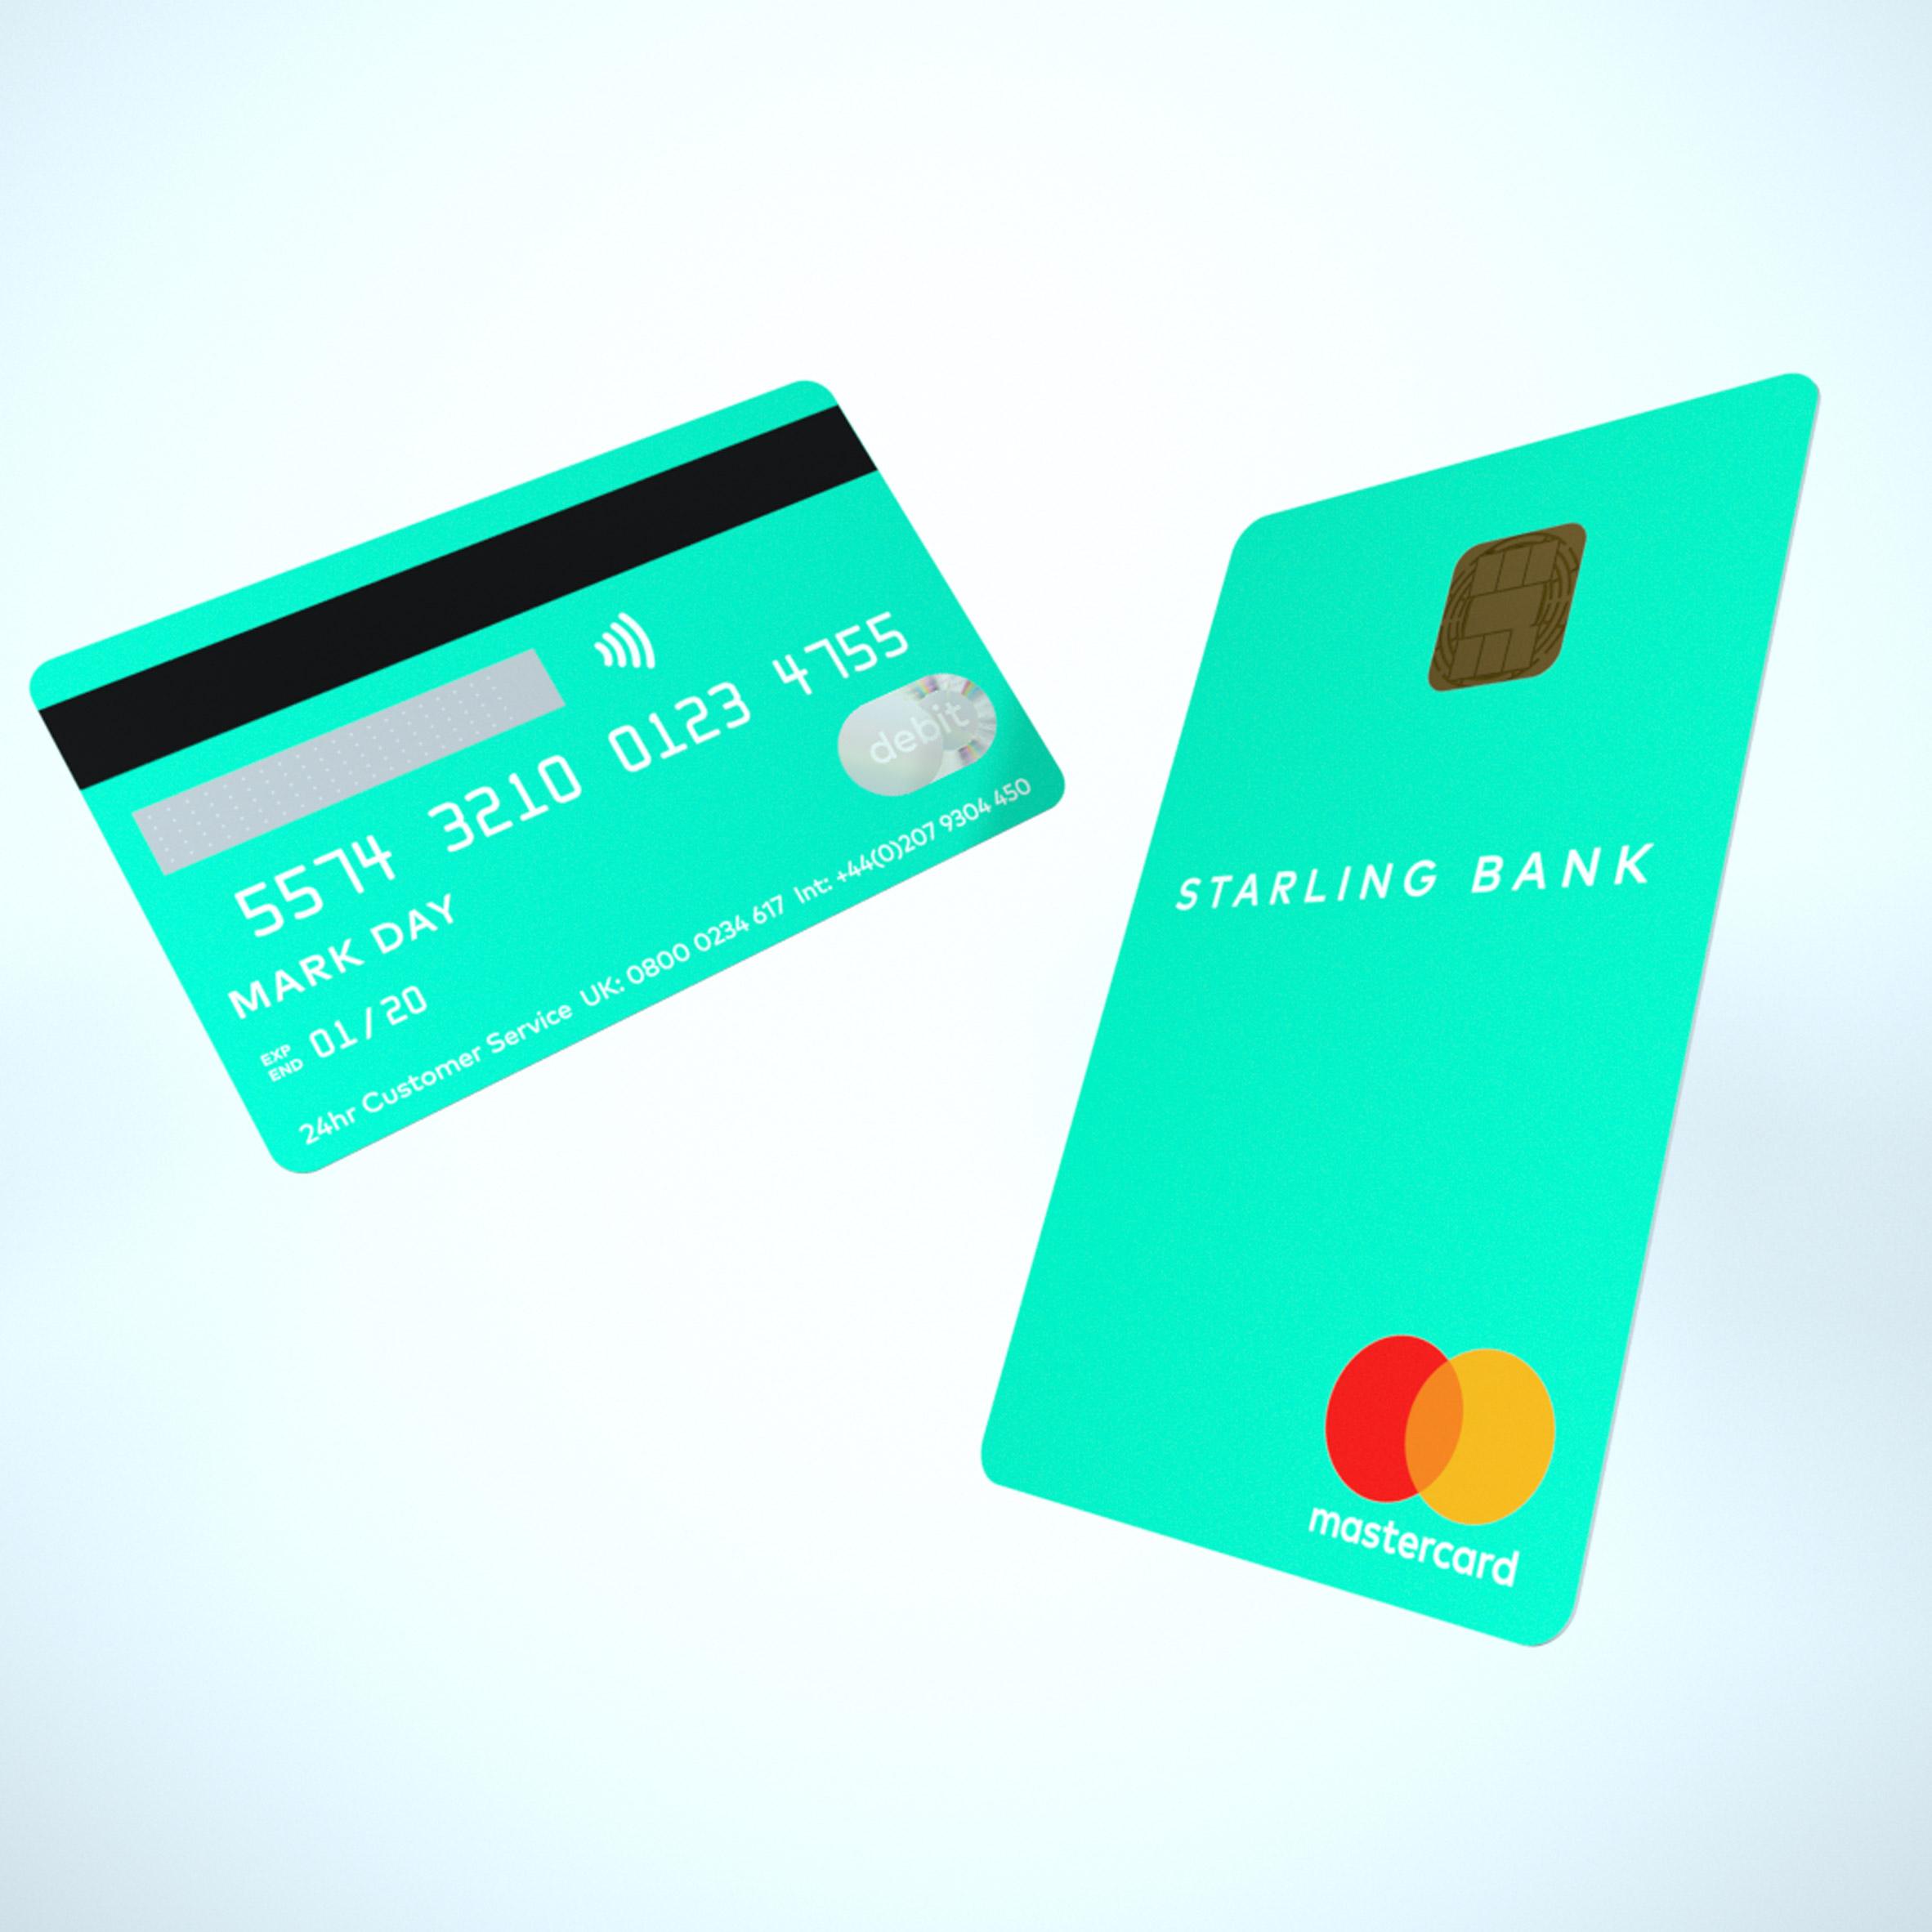 영국 디지털은행 스탈링 세로보기형 직불카드 출시